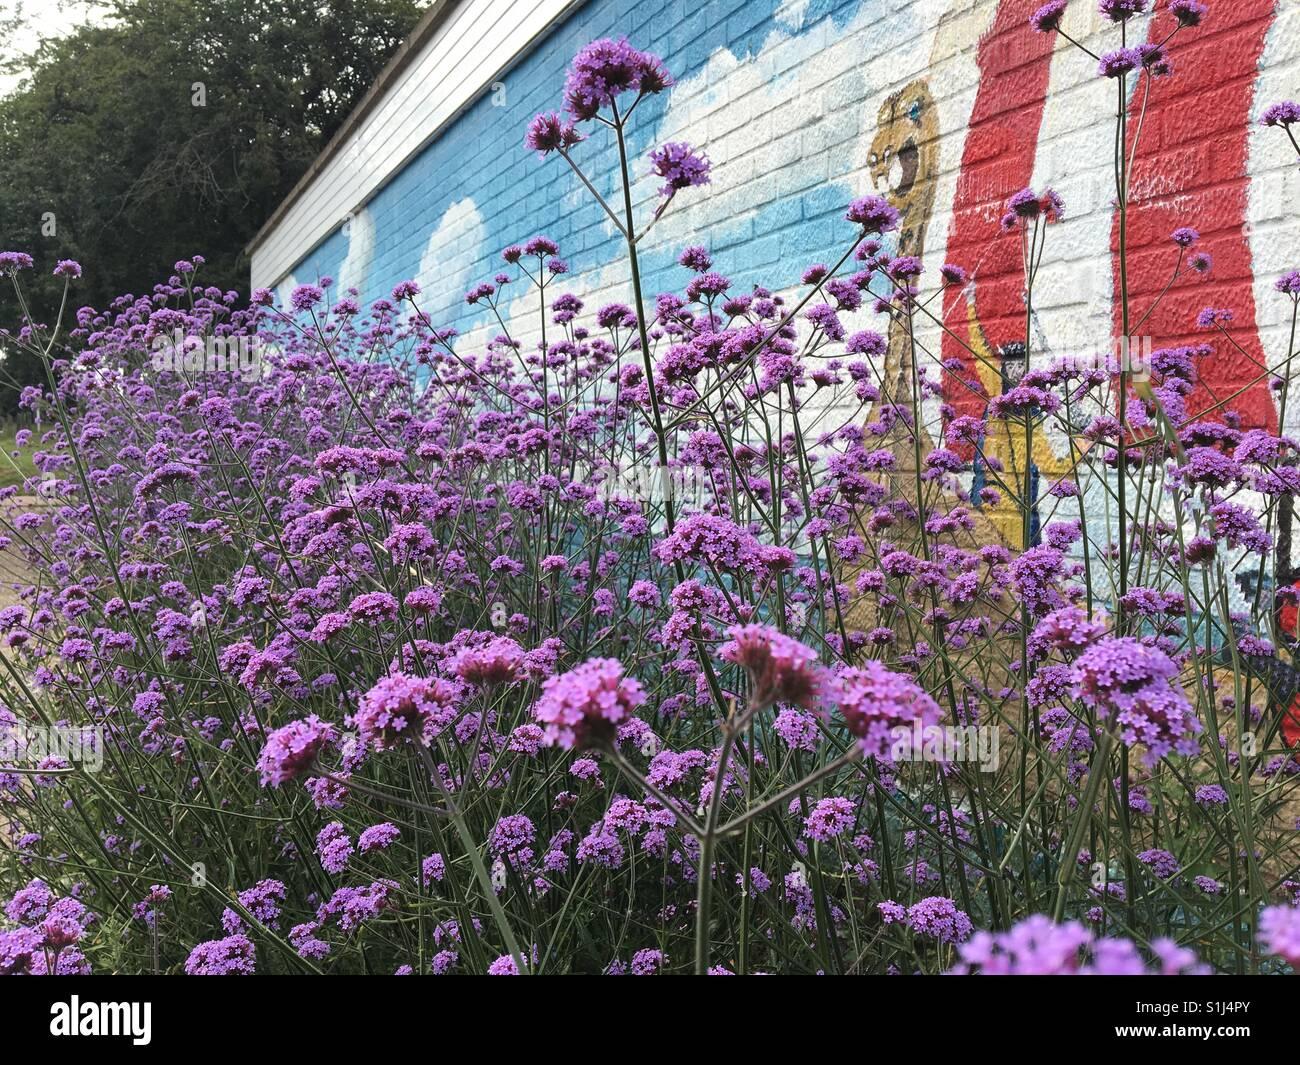 Verbena Mauve Stockfotos & Verbena Mauve Bilder - Alamy